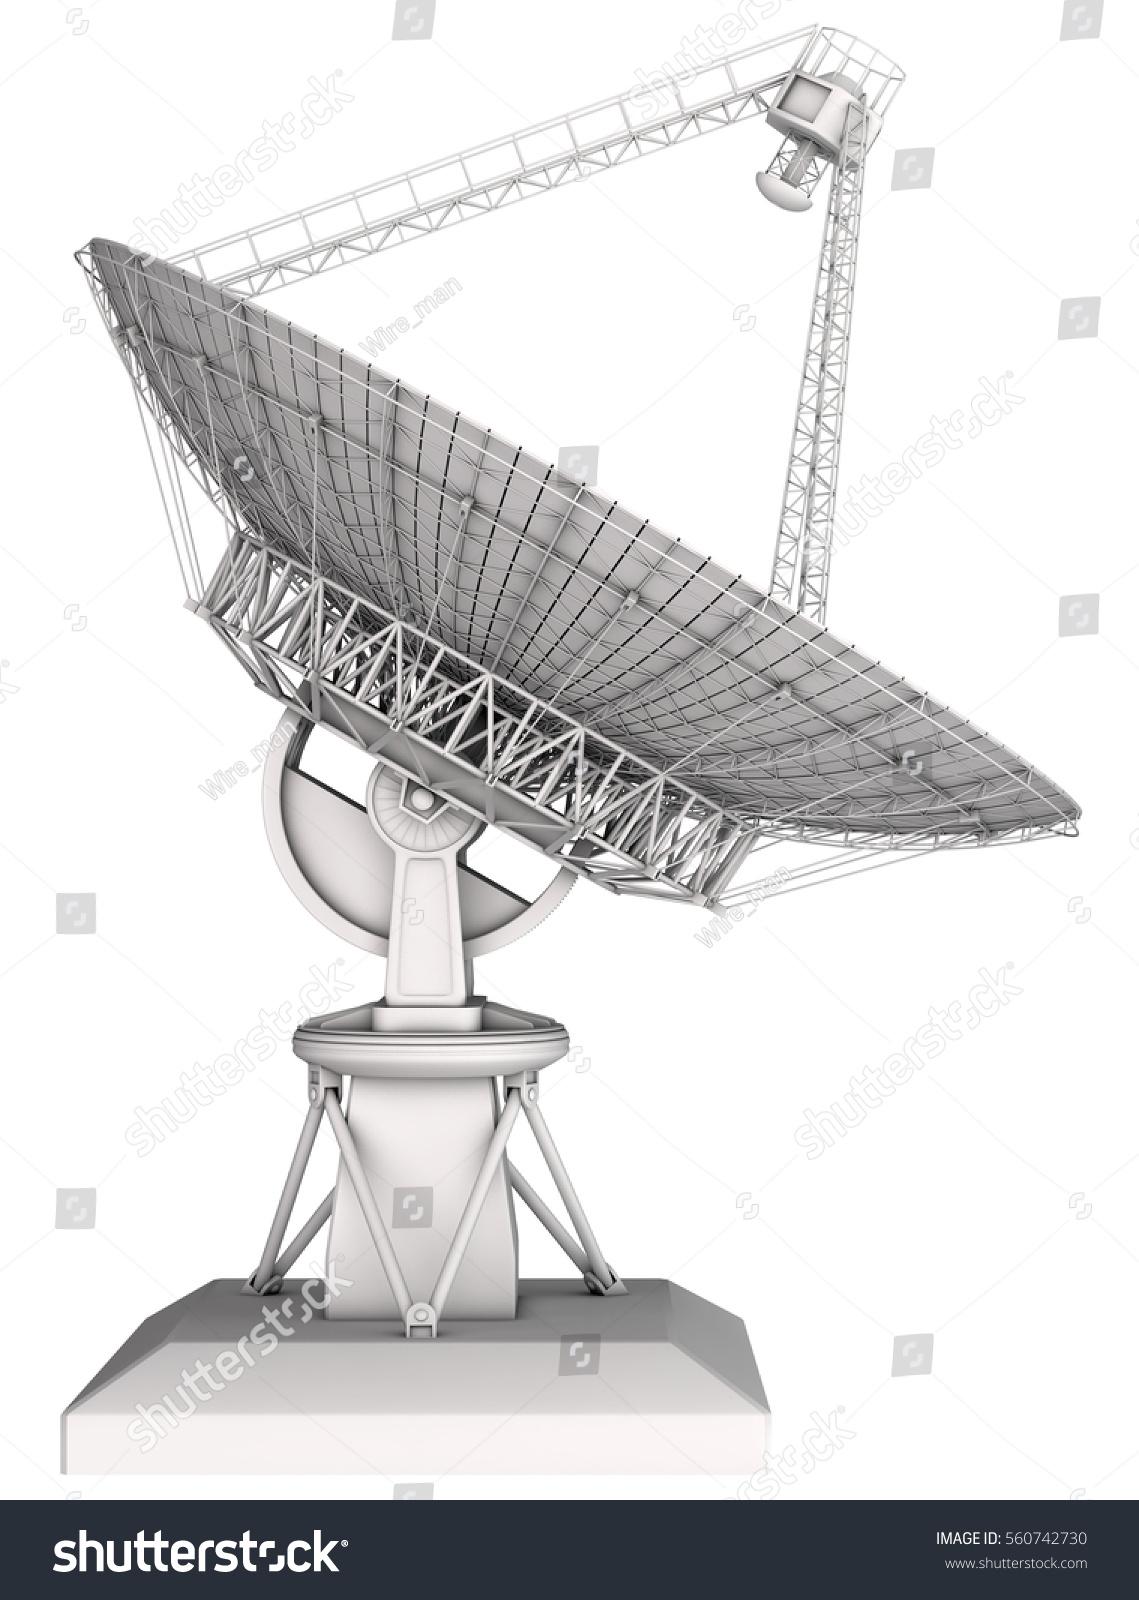 Radio telescope 3d image. Isolated on white